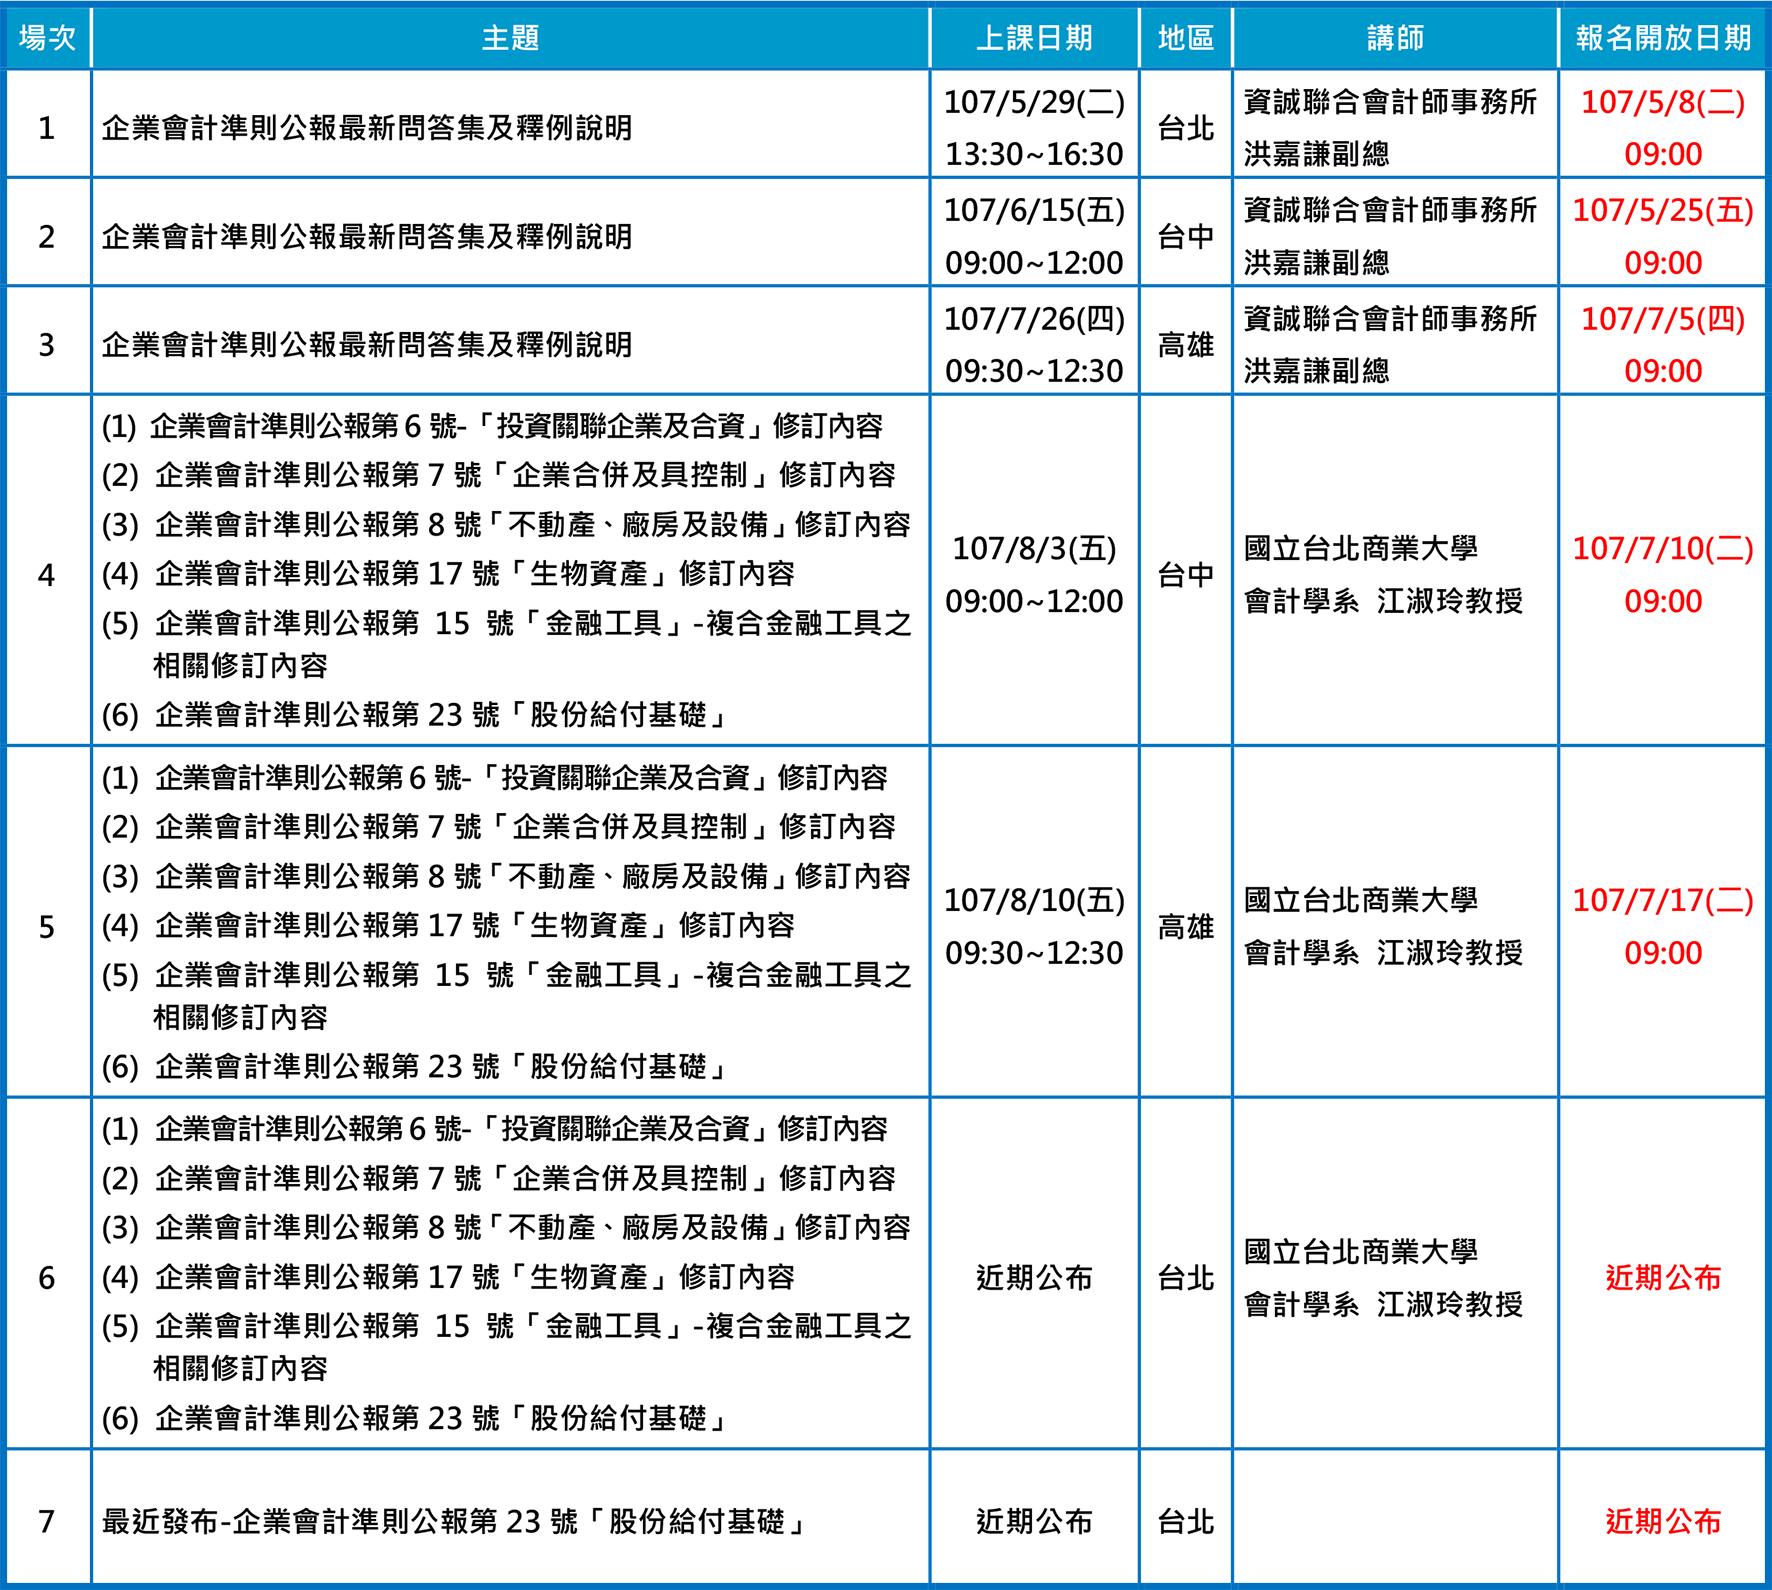 企業會計準則公報宣導會時間表